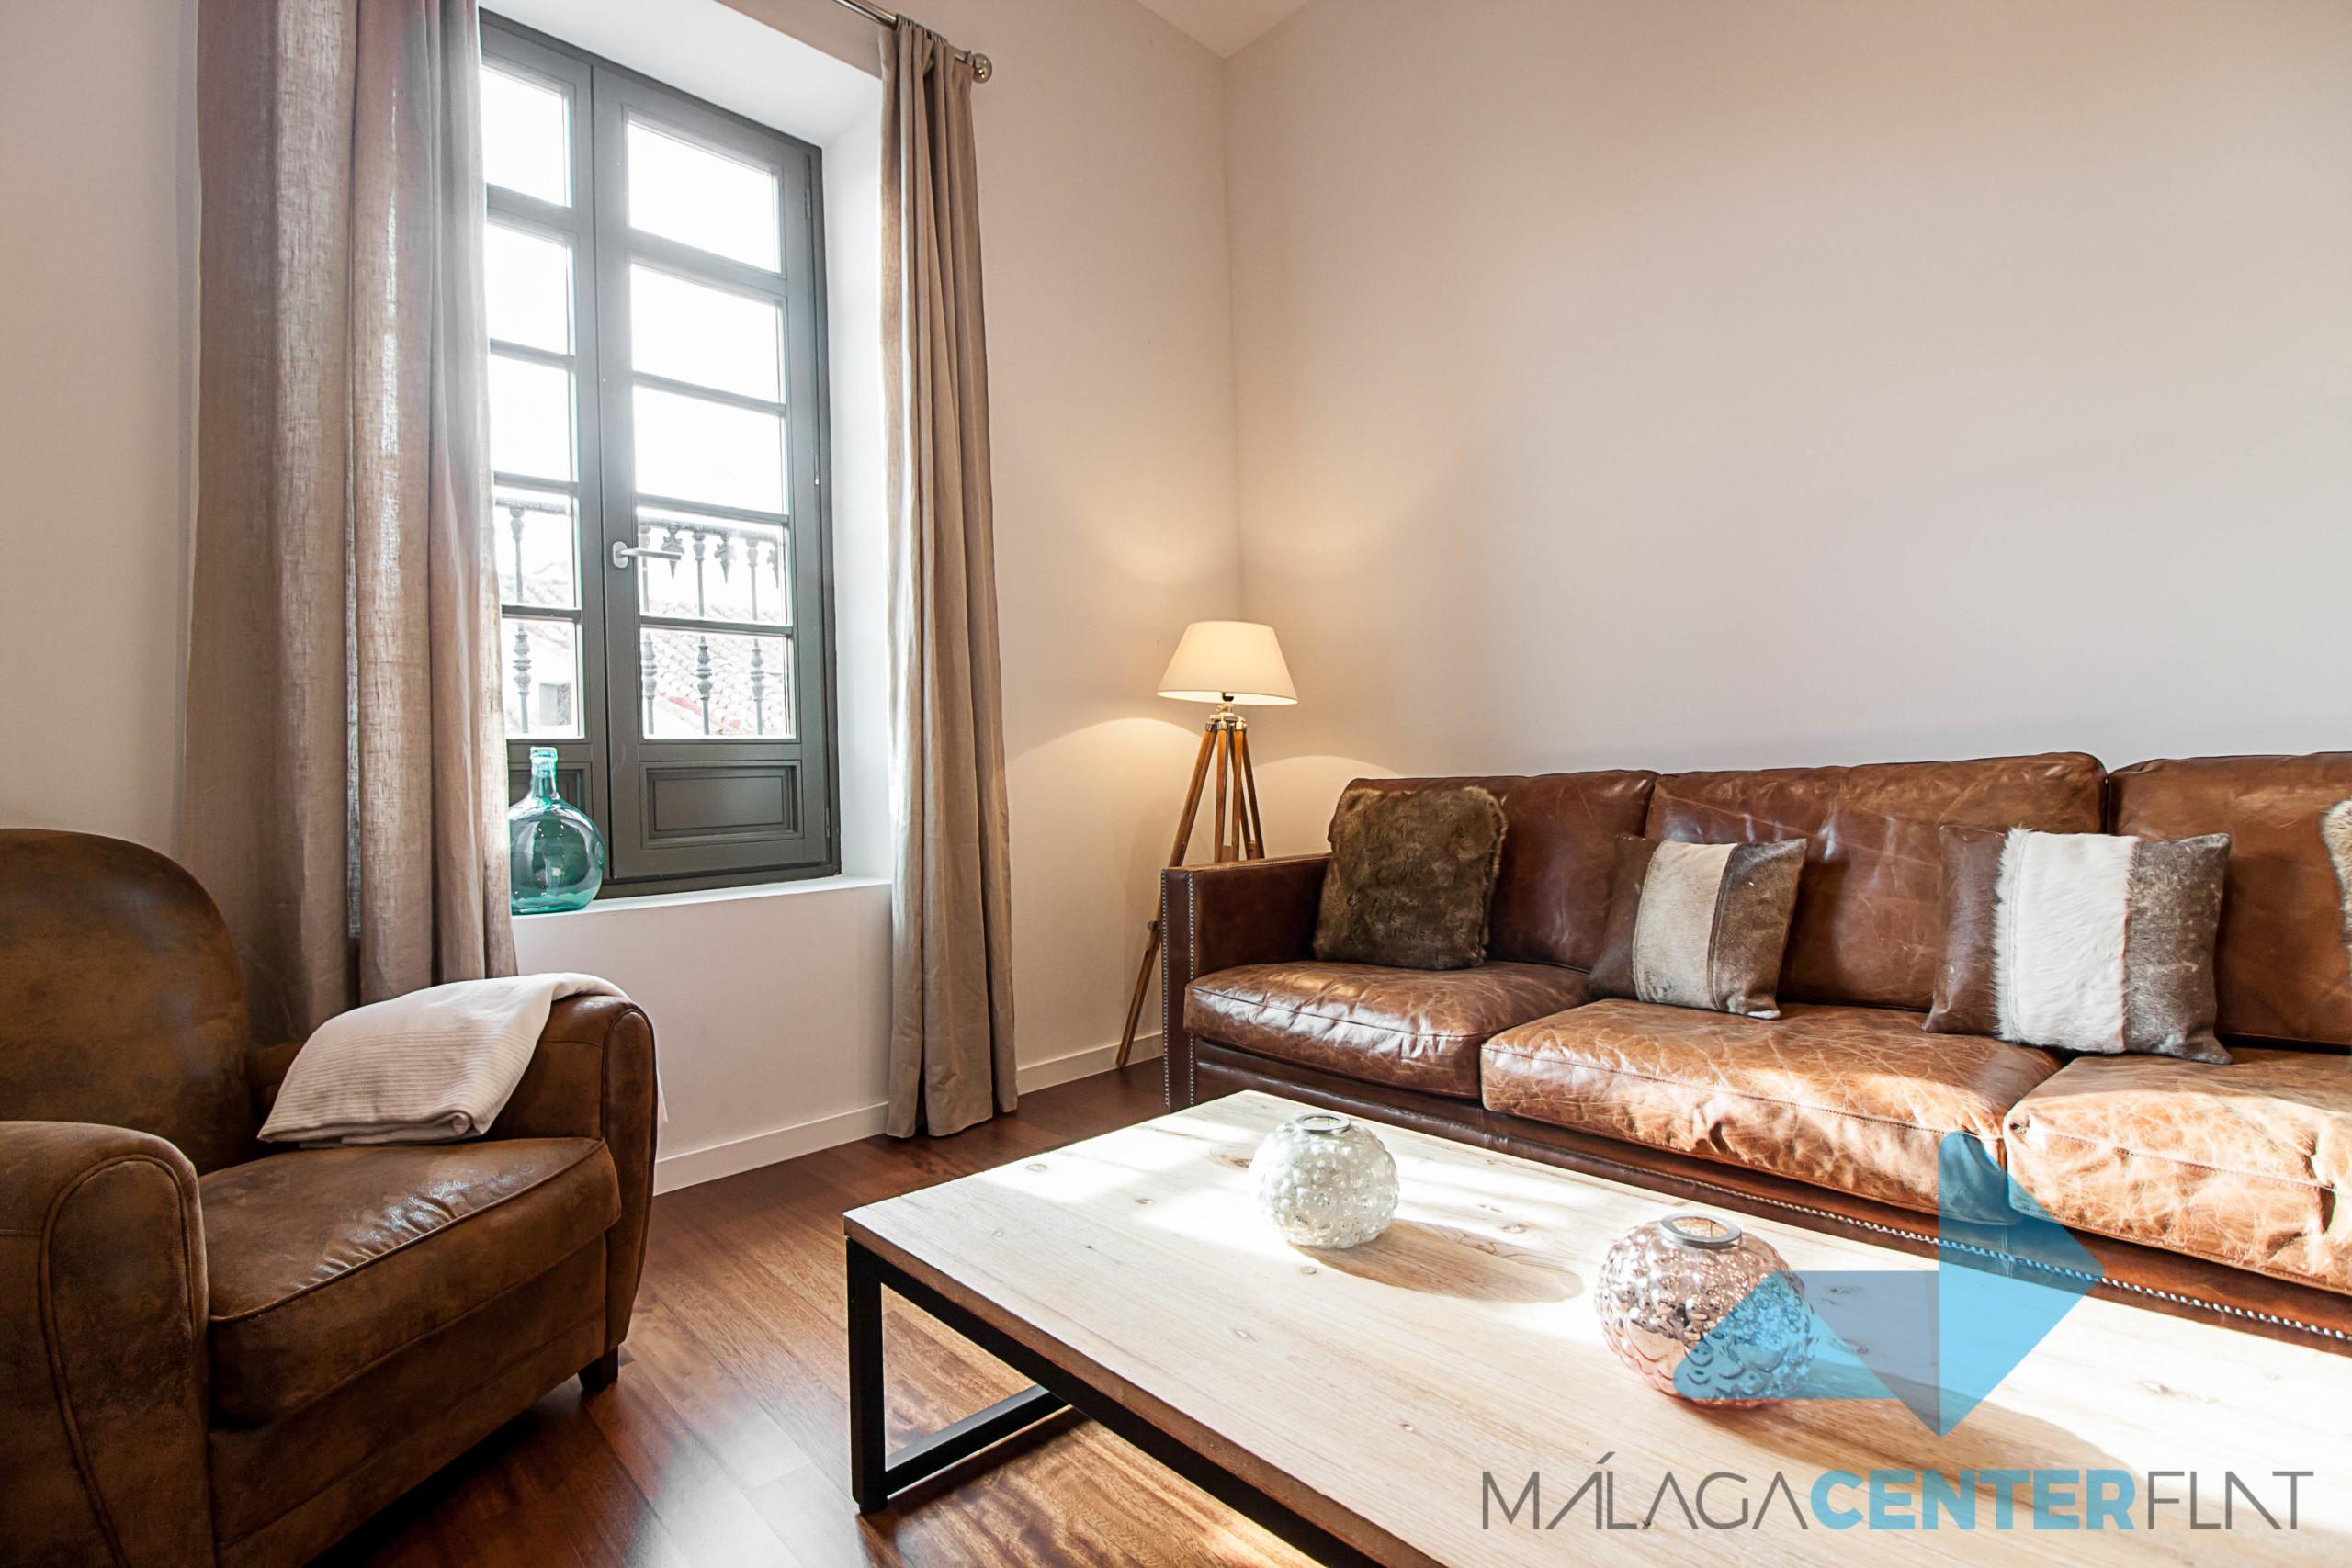 Malaga Airbnb